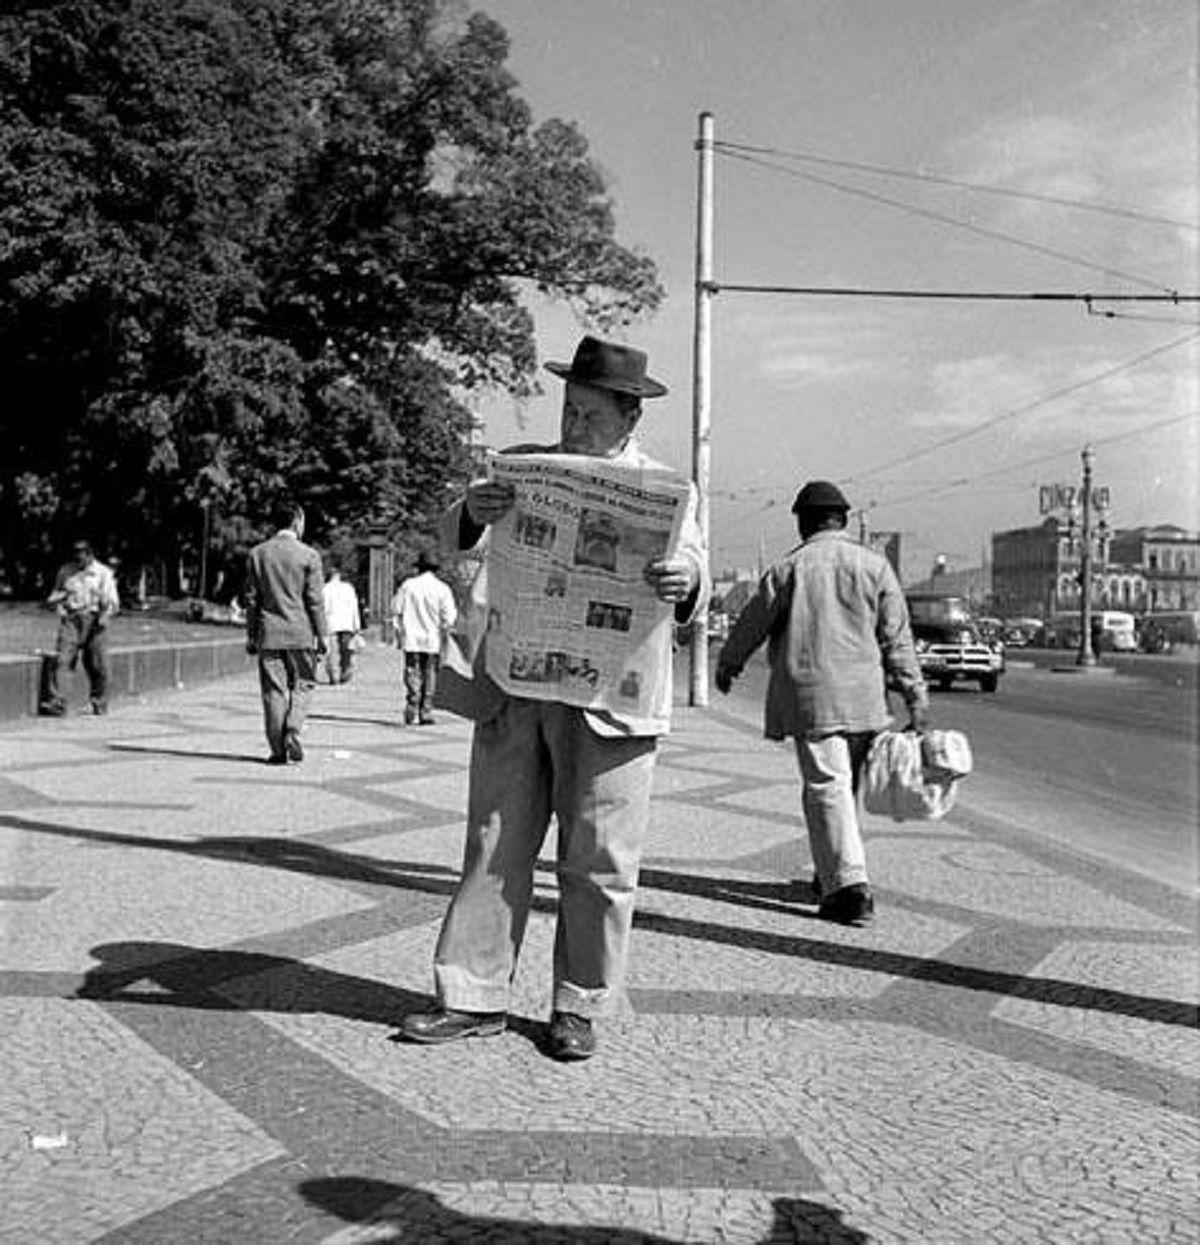 Leitor do jornal O Globo em frente à Praça da República, na Av. Presidente Vargas, em 1956.   https://www.facebook.com/jornais.rio/